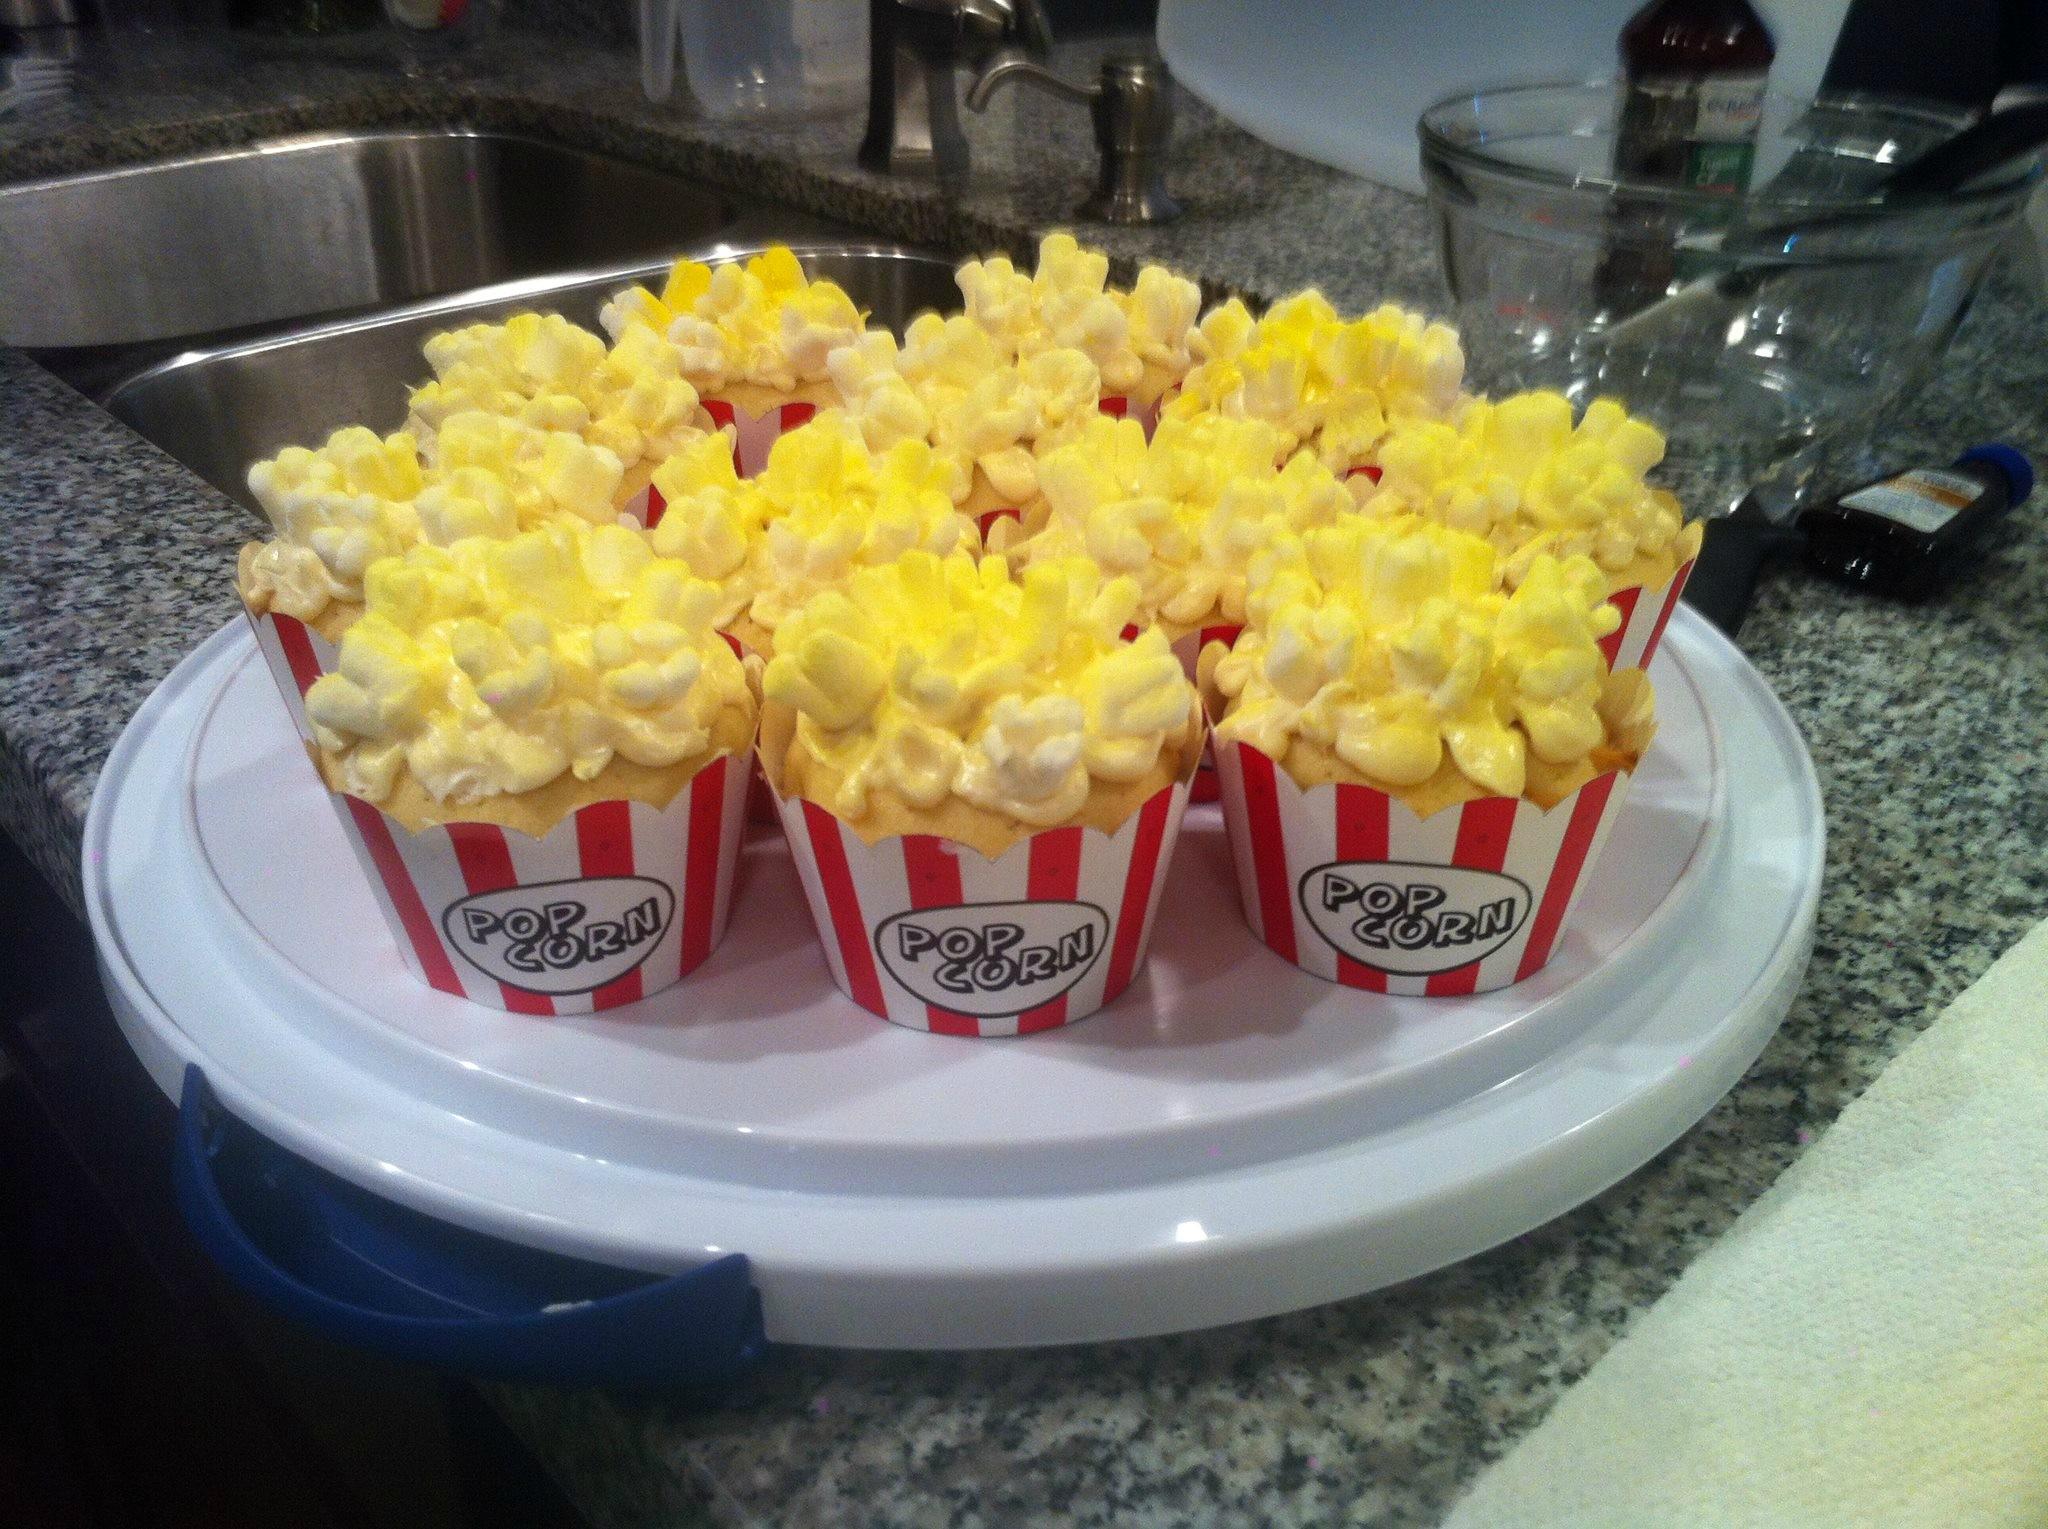 Les trouvailles dInternet pour bien commencer la semaine #48 cupcakepopcorn